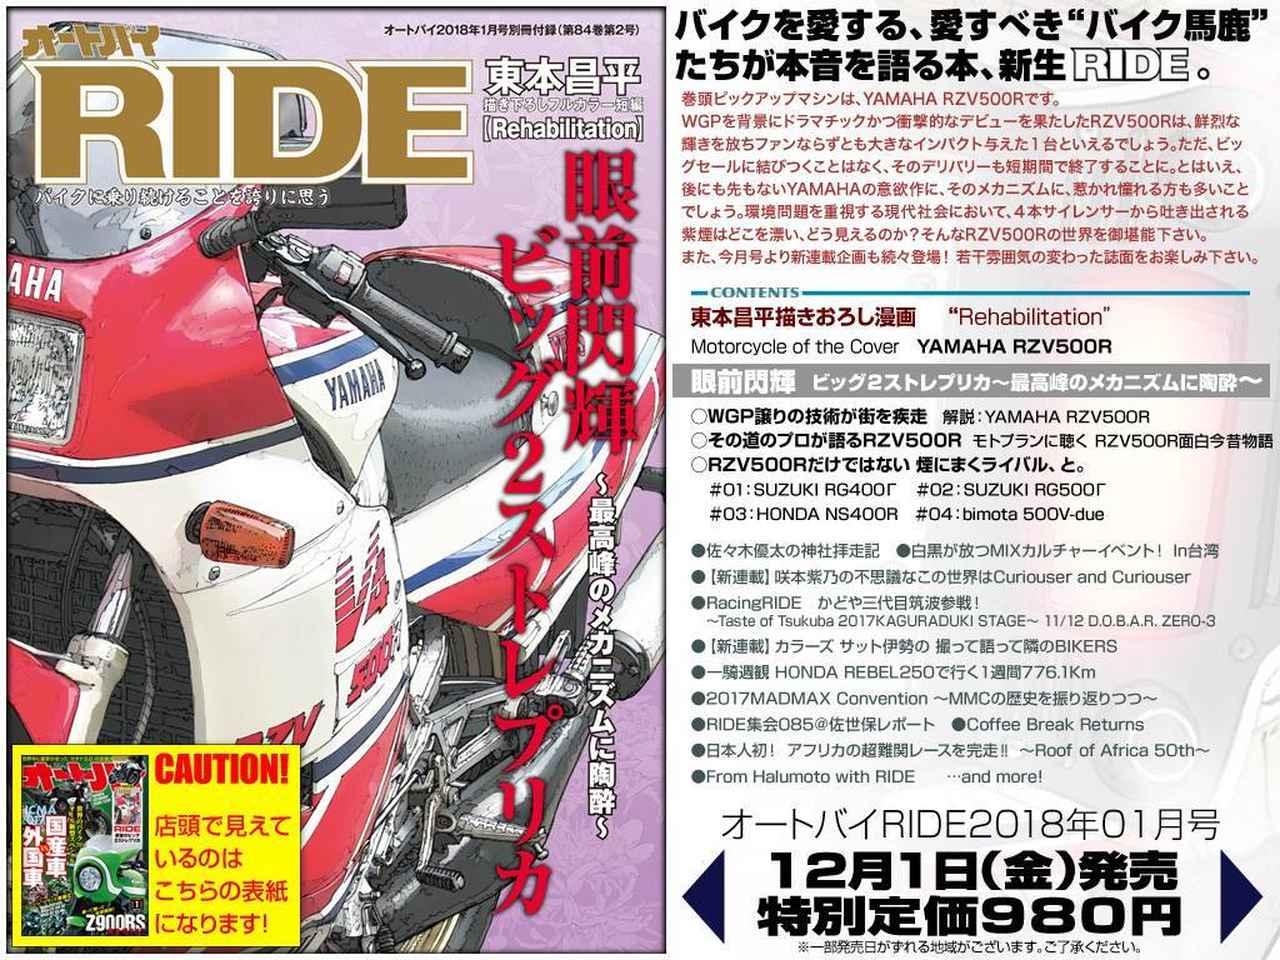 画像: 別冊付録のRIDEは「ビッグ2ストレプリカ」を大特集!